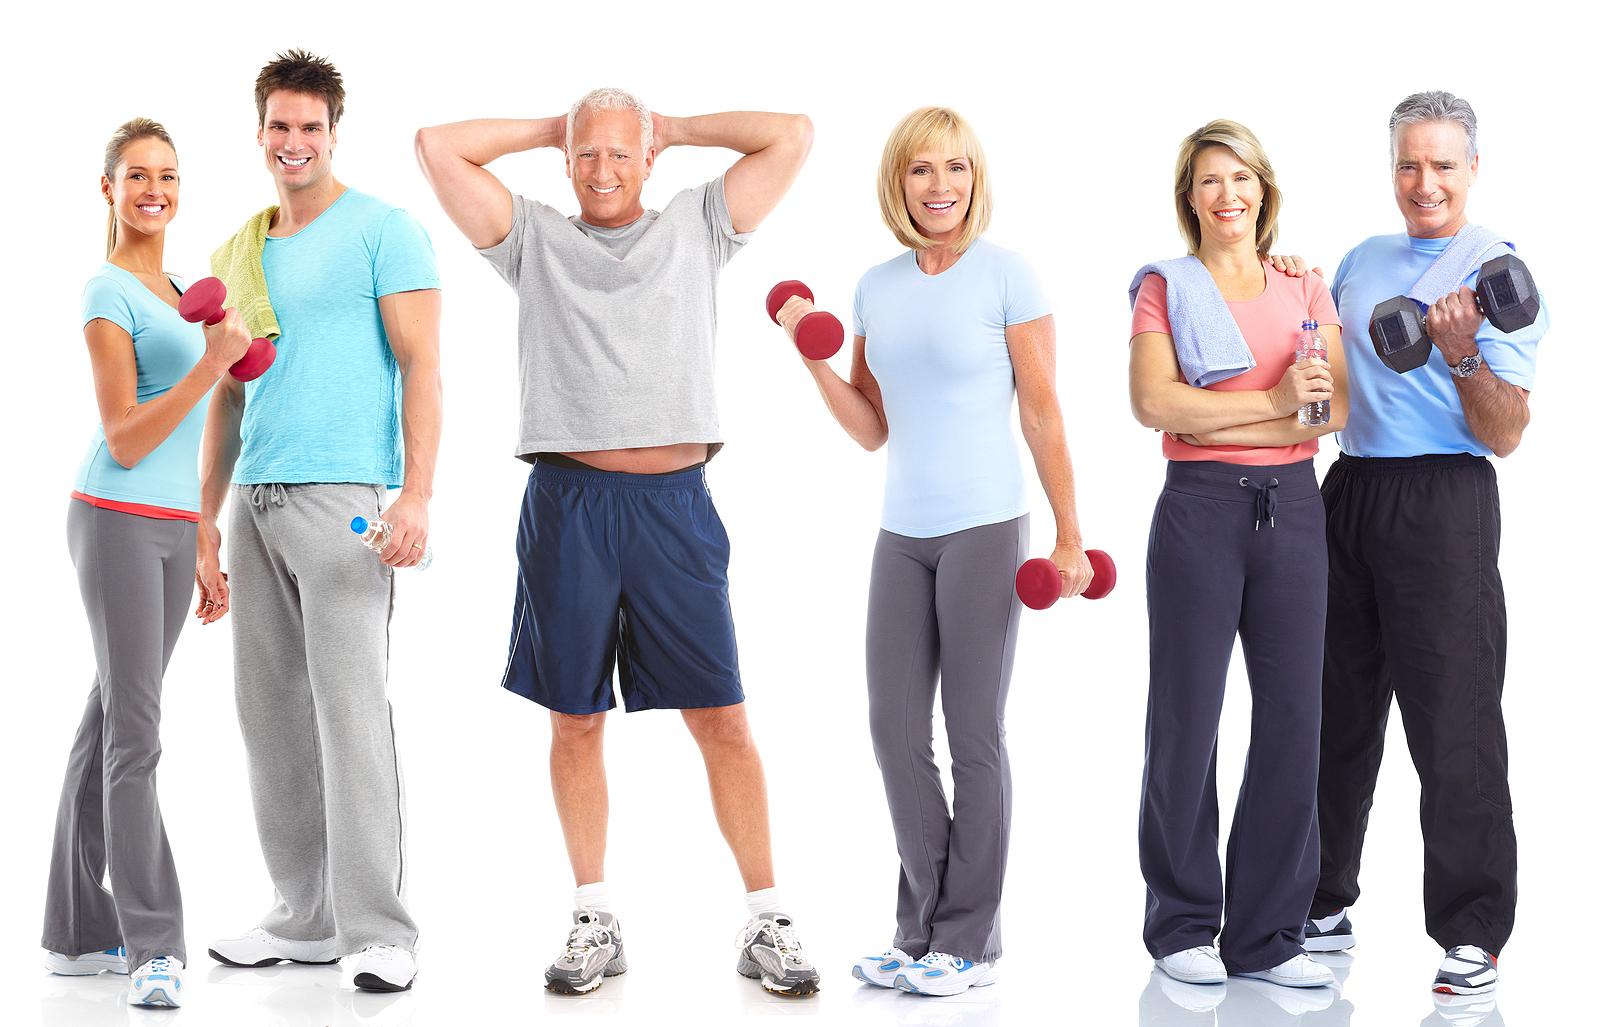 Styrketräning skyddar mot hjärtsjukdom, diabetes & cancer